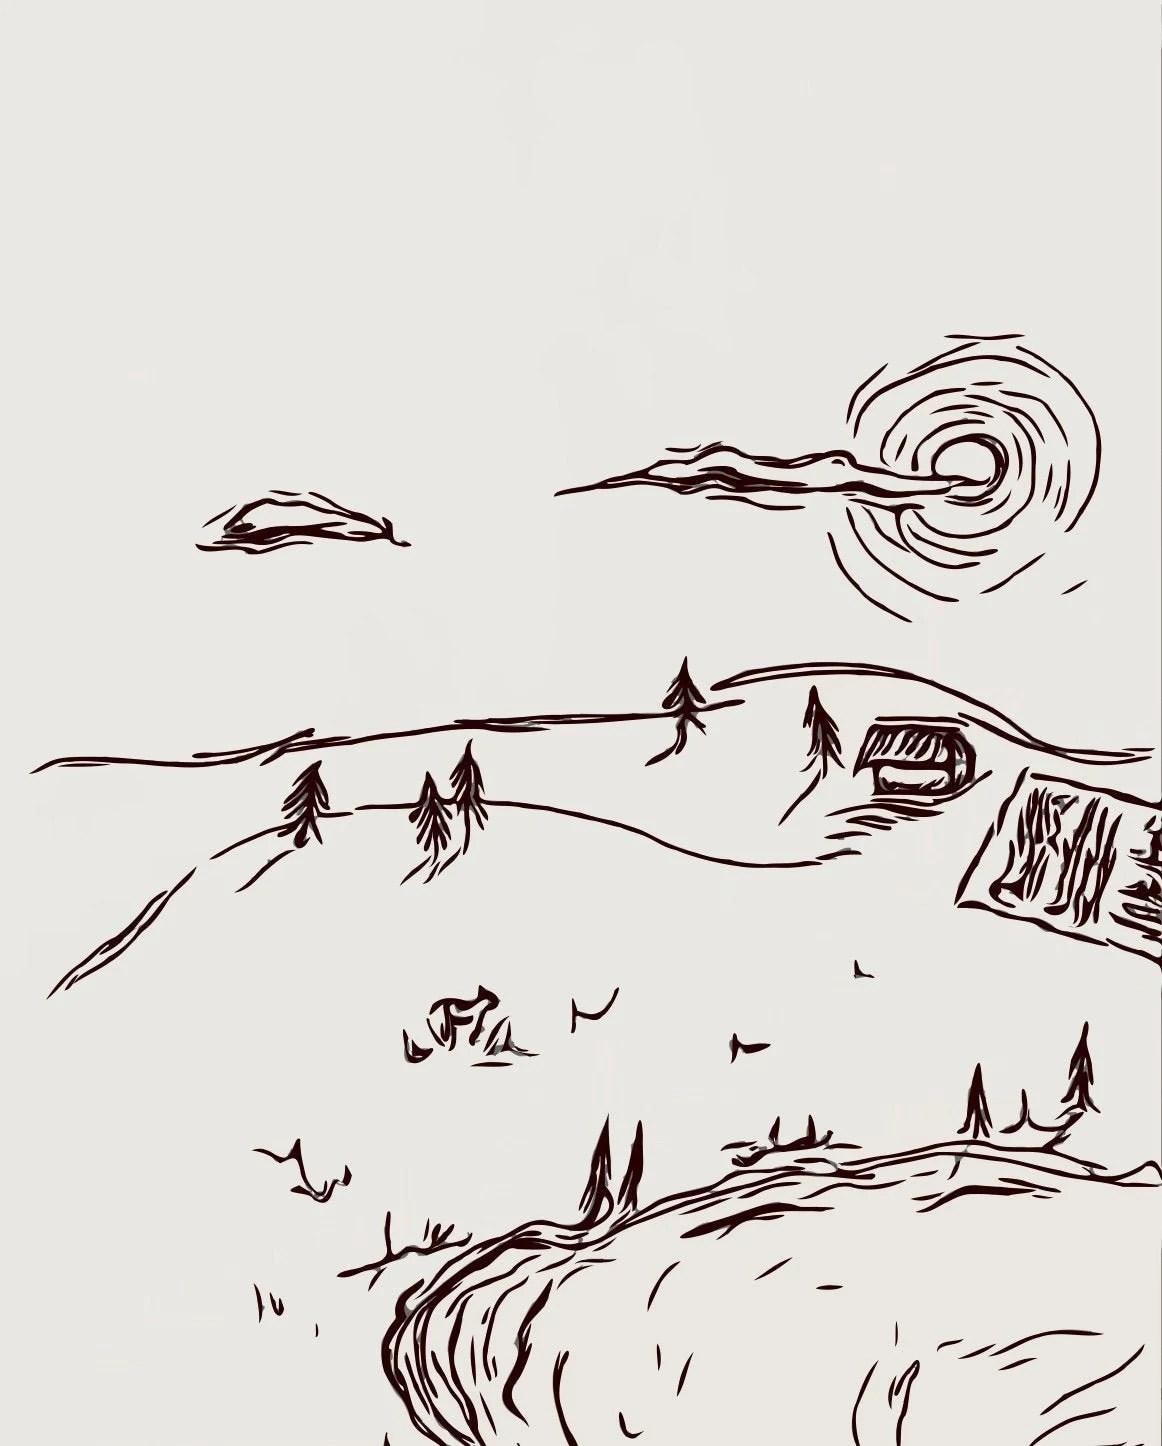 Rolling Hills Drawing : rolling, hills, drawing, Rolling, Hills, Wilderness, 4x5.3